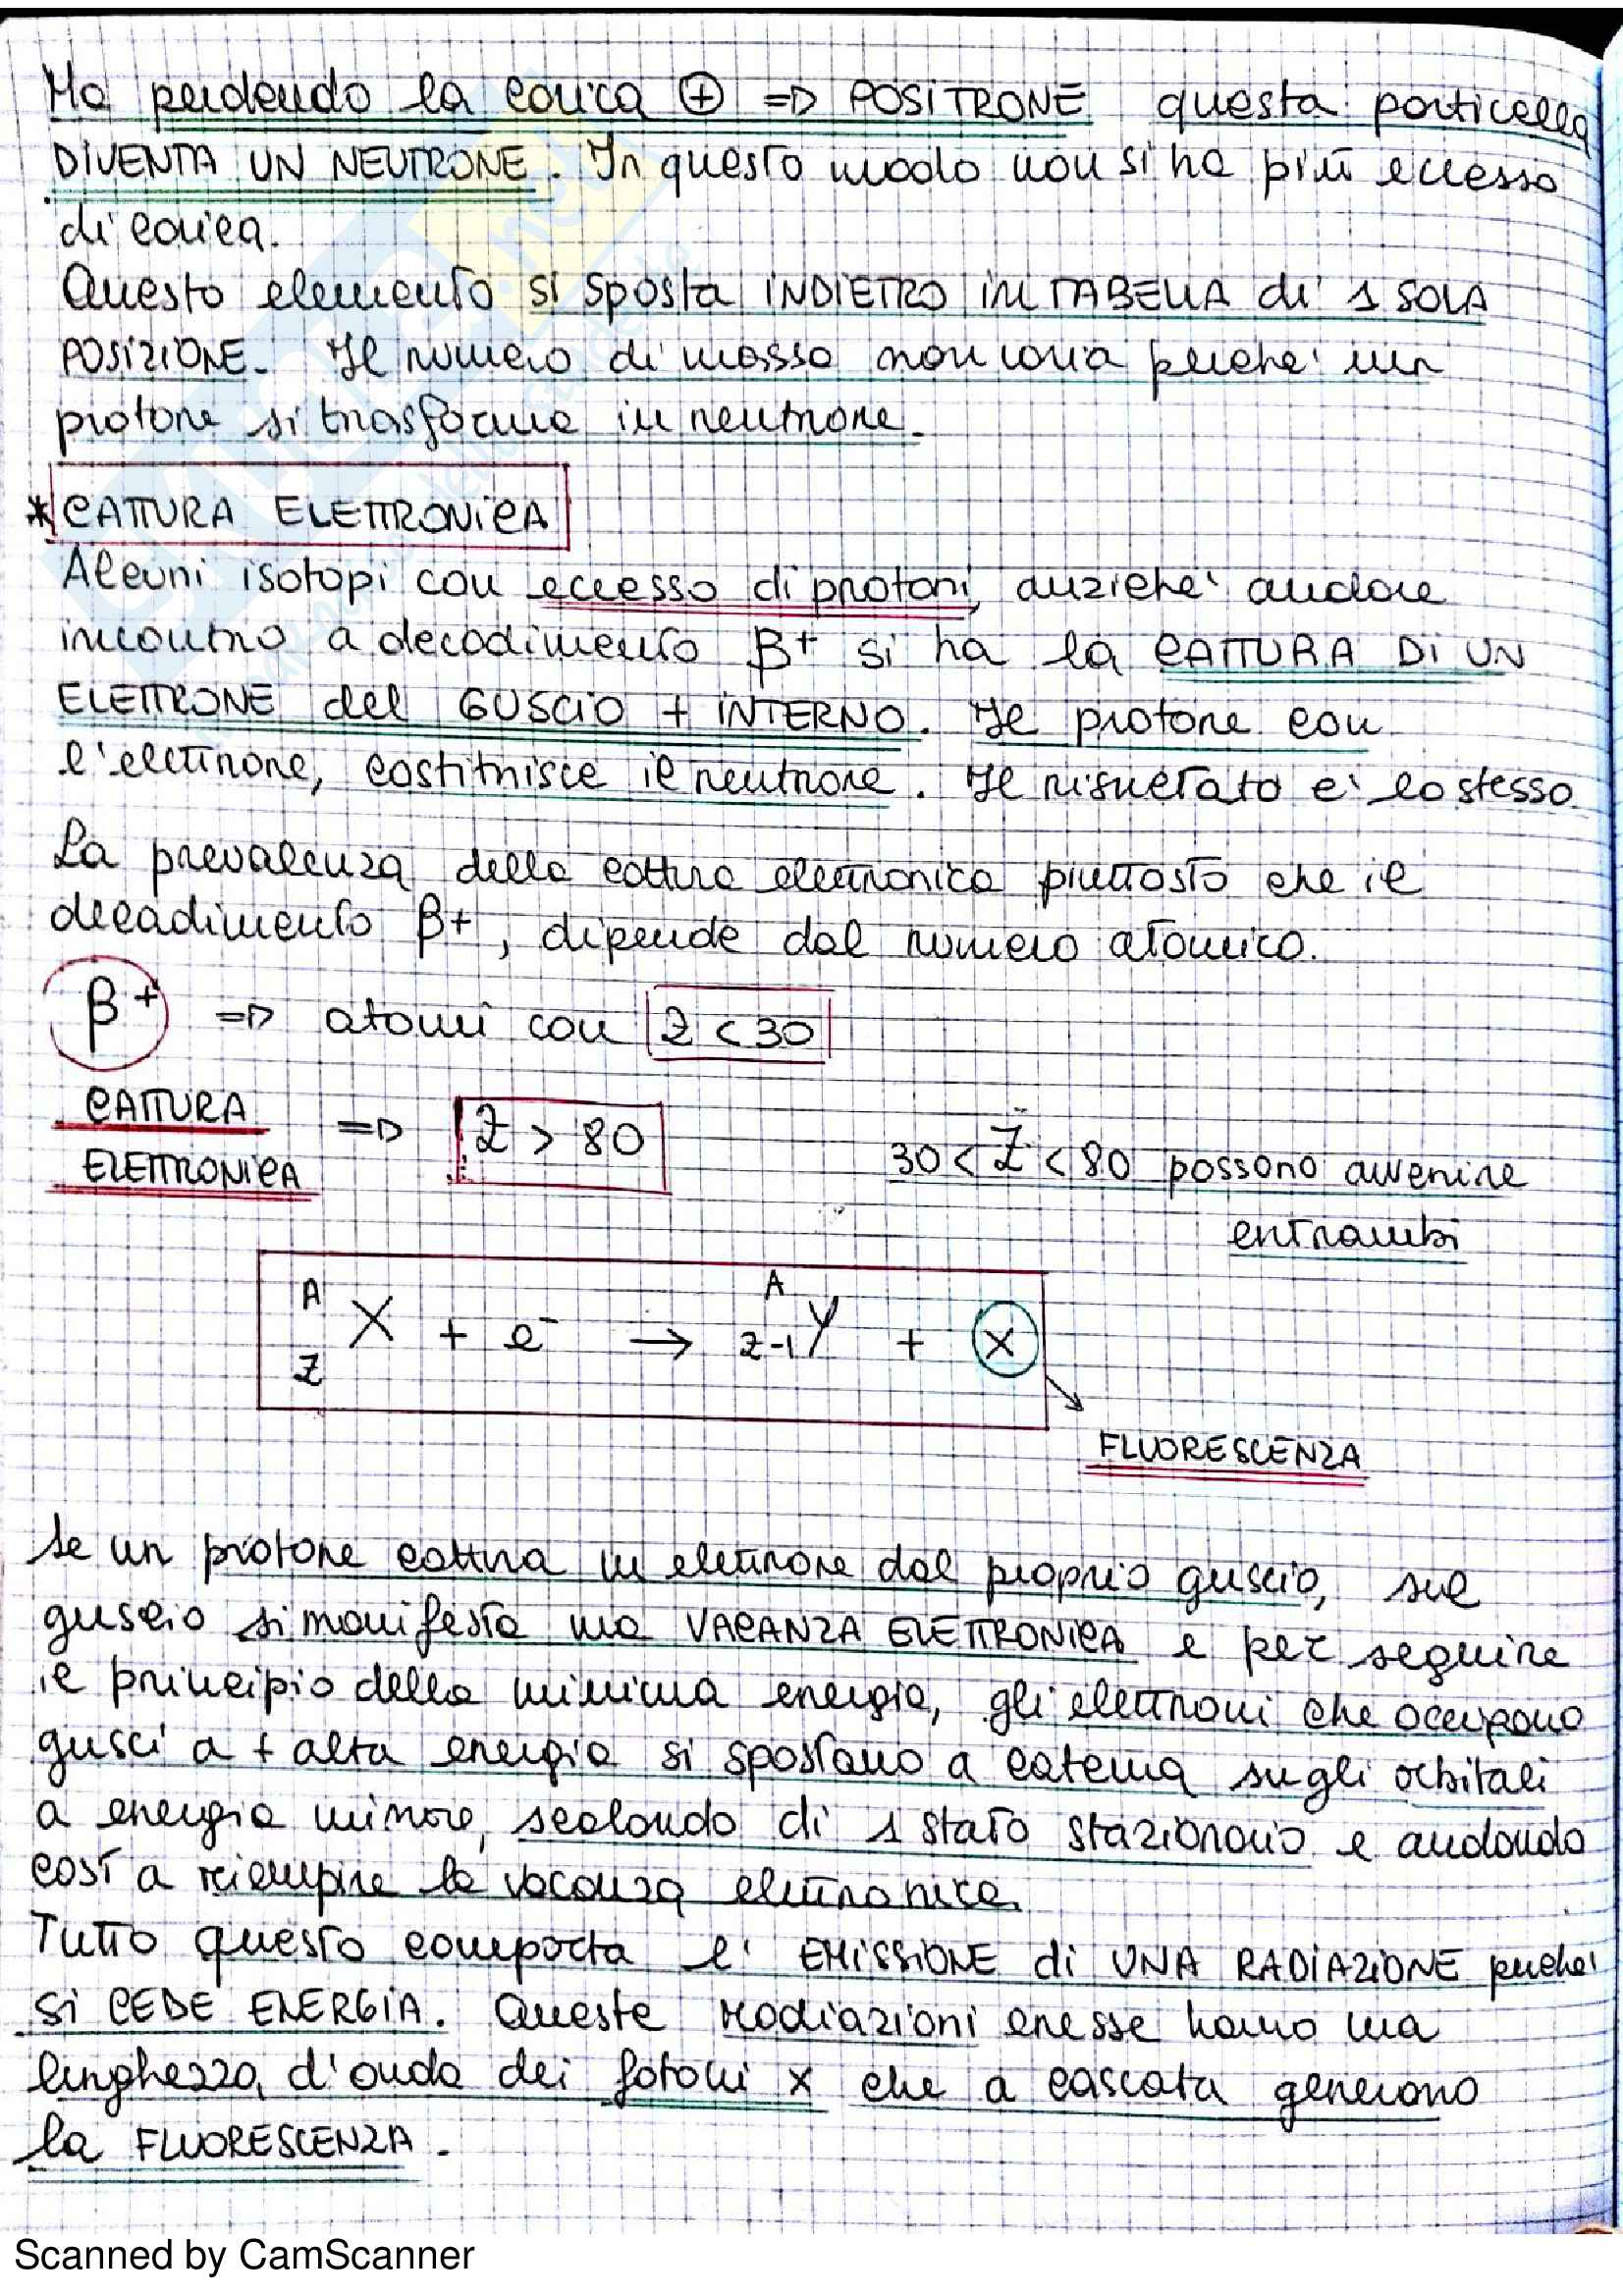 Appunti completi di chimica analitica comprensivi di esercizi d'esame Pag. 66